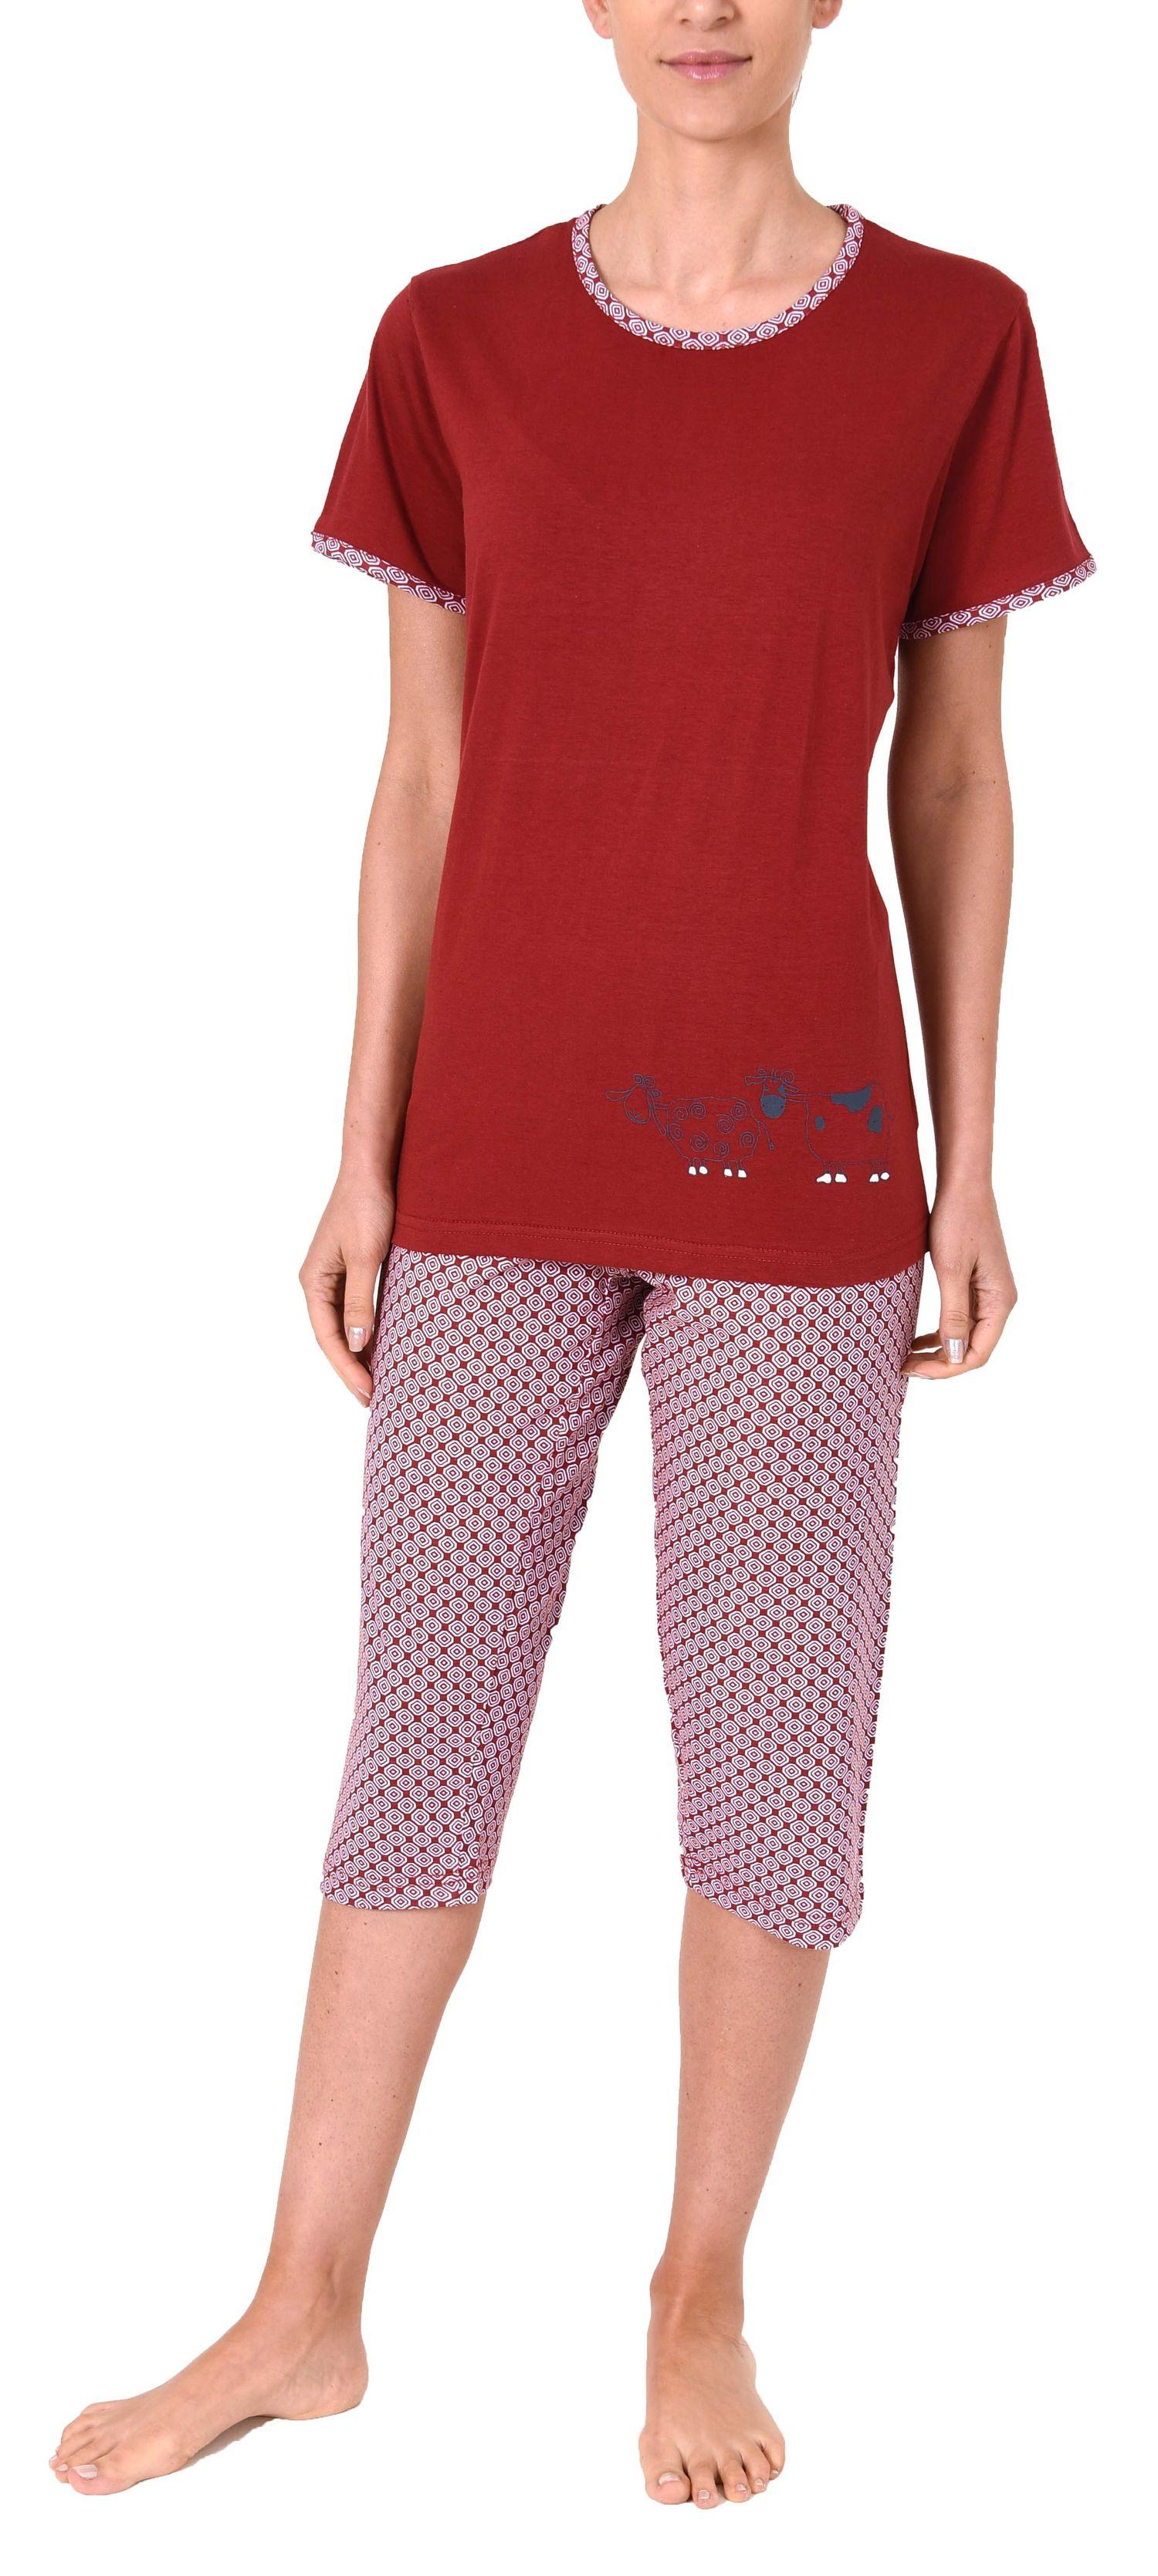 Damen Capri Pyjama kurzarm Schlafanzug mit süssen Tiermotiv - 60853 – Bild 2